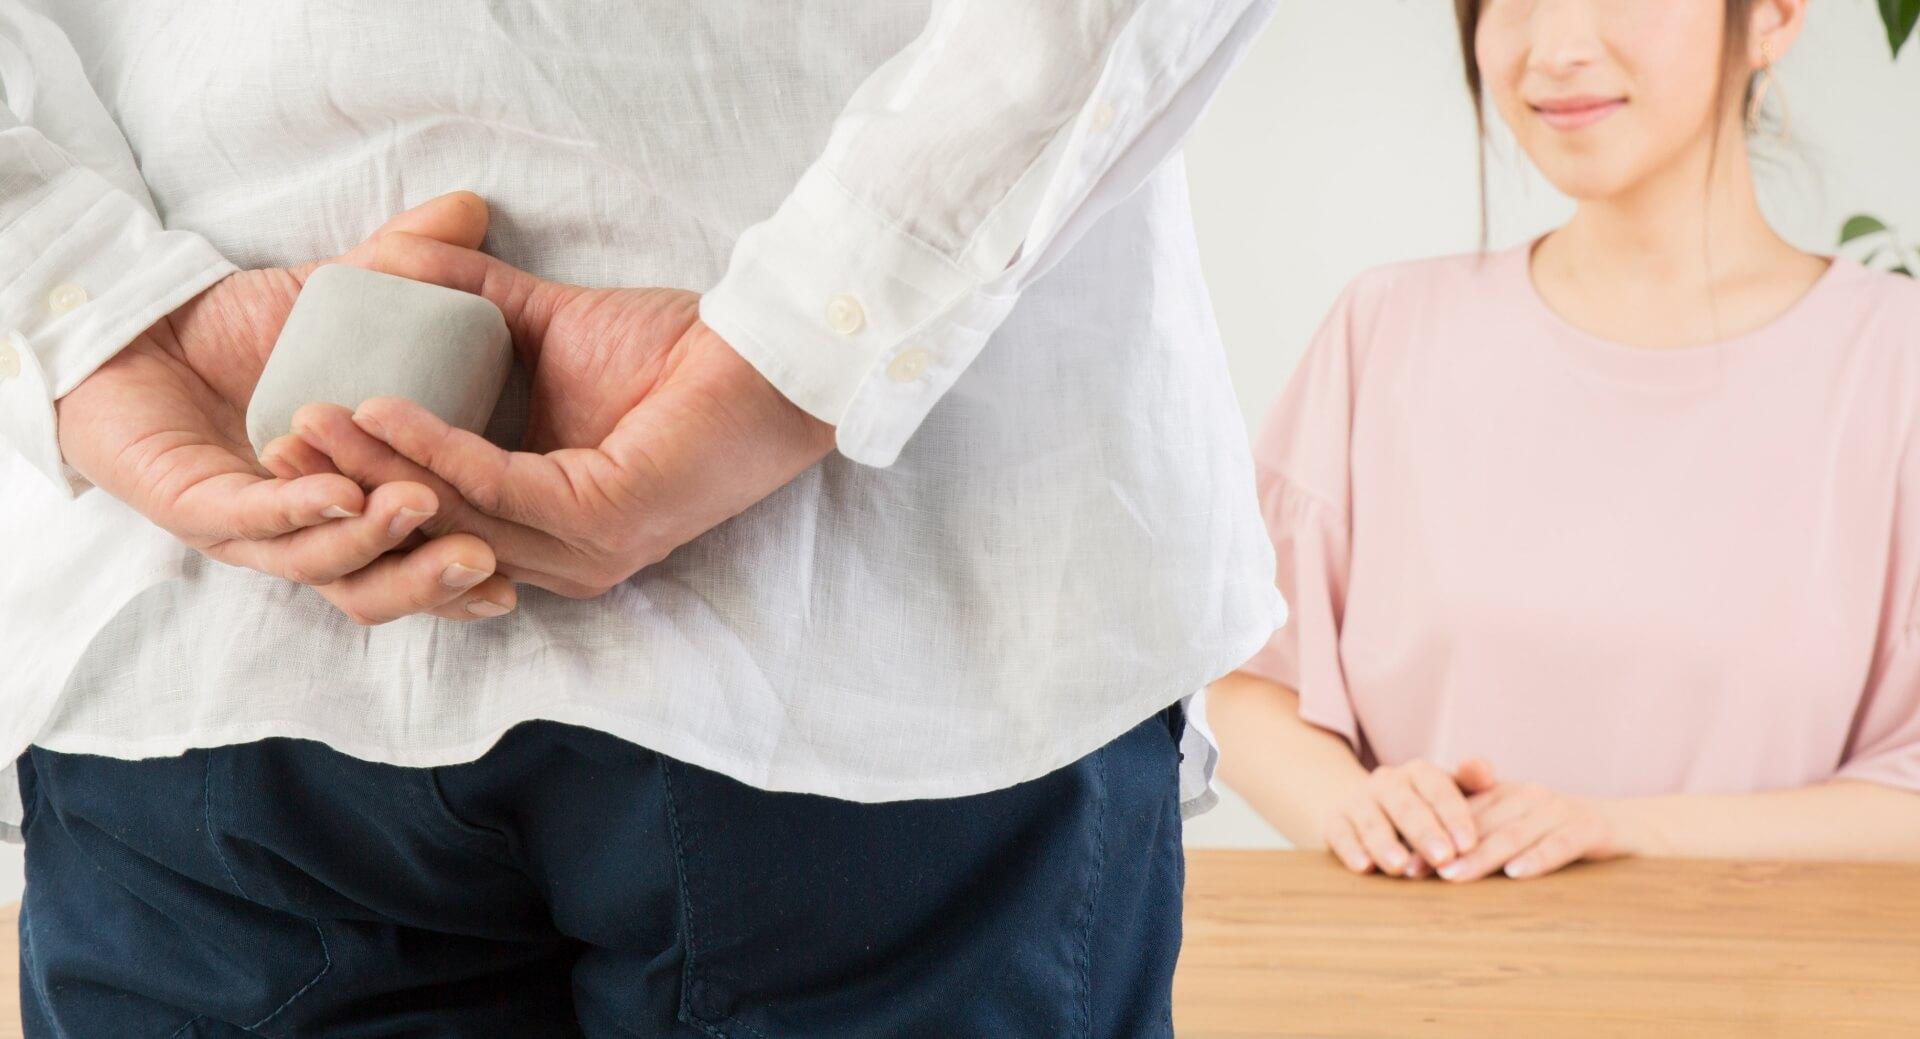 女性に告白しようとしている男性の写真。指輪を後ろ手に隠し持っている。